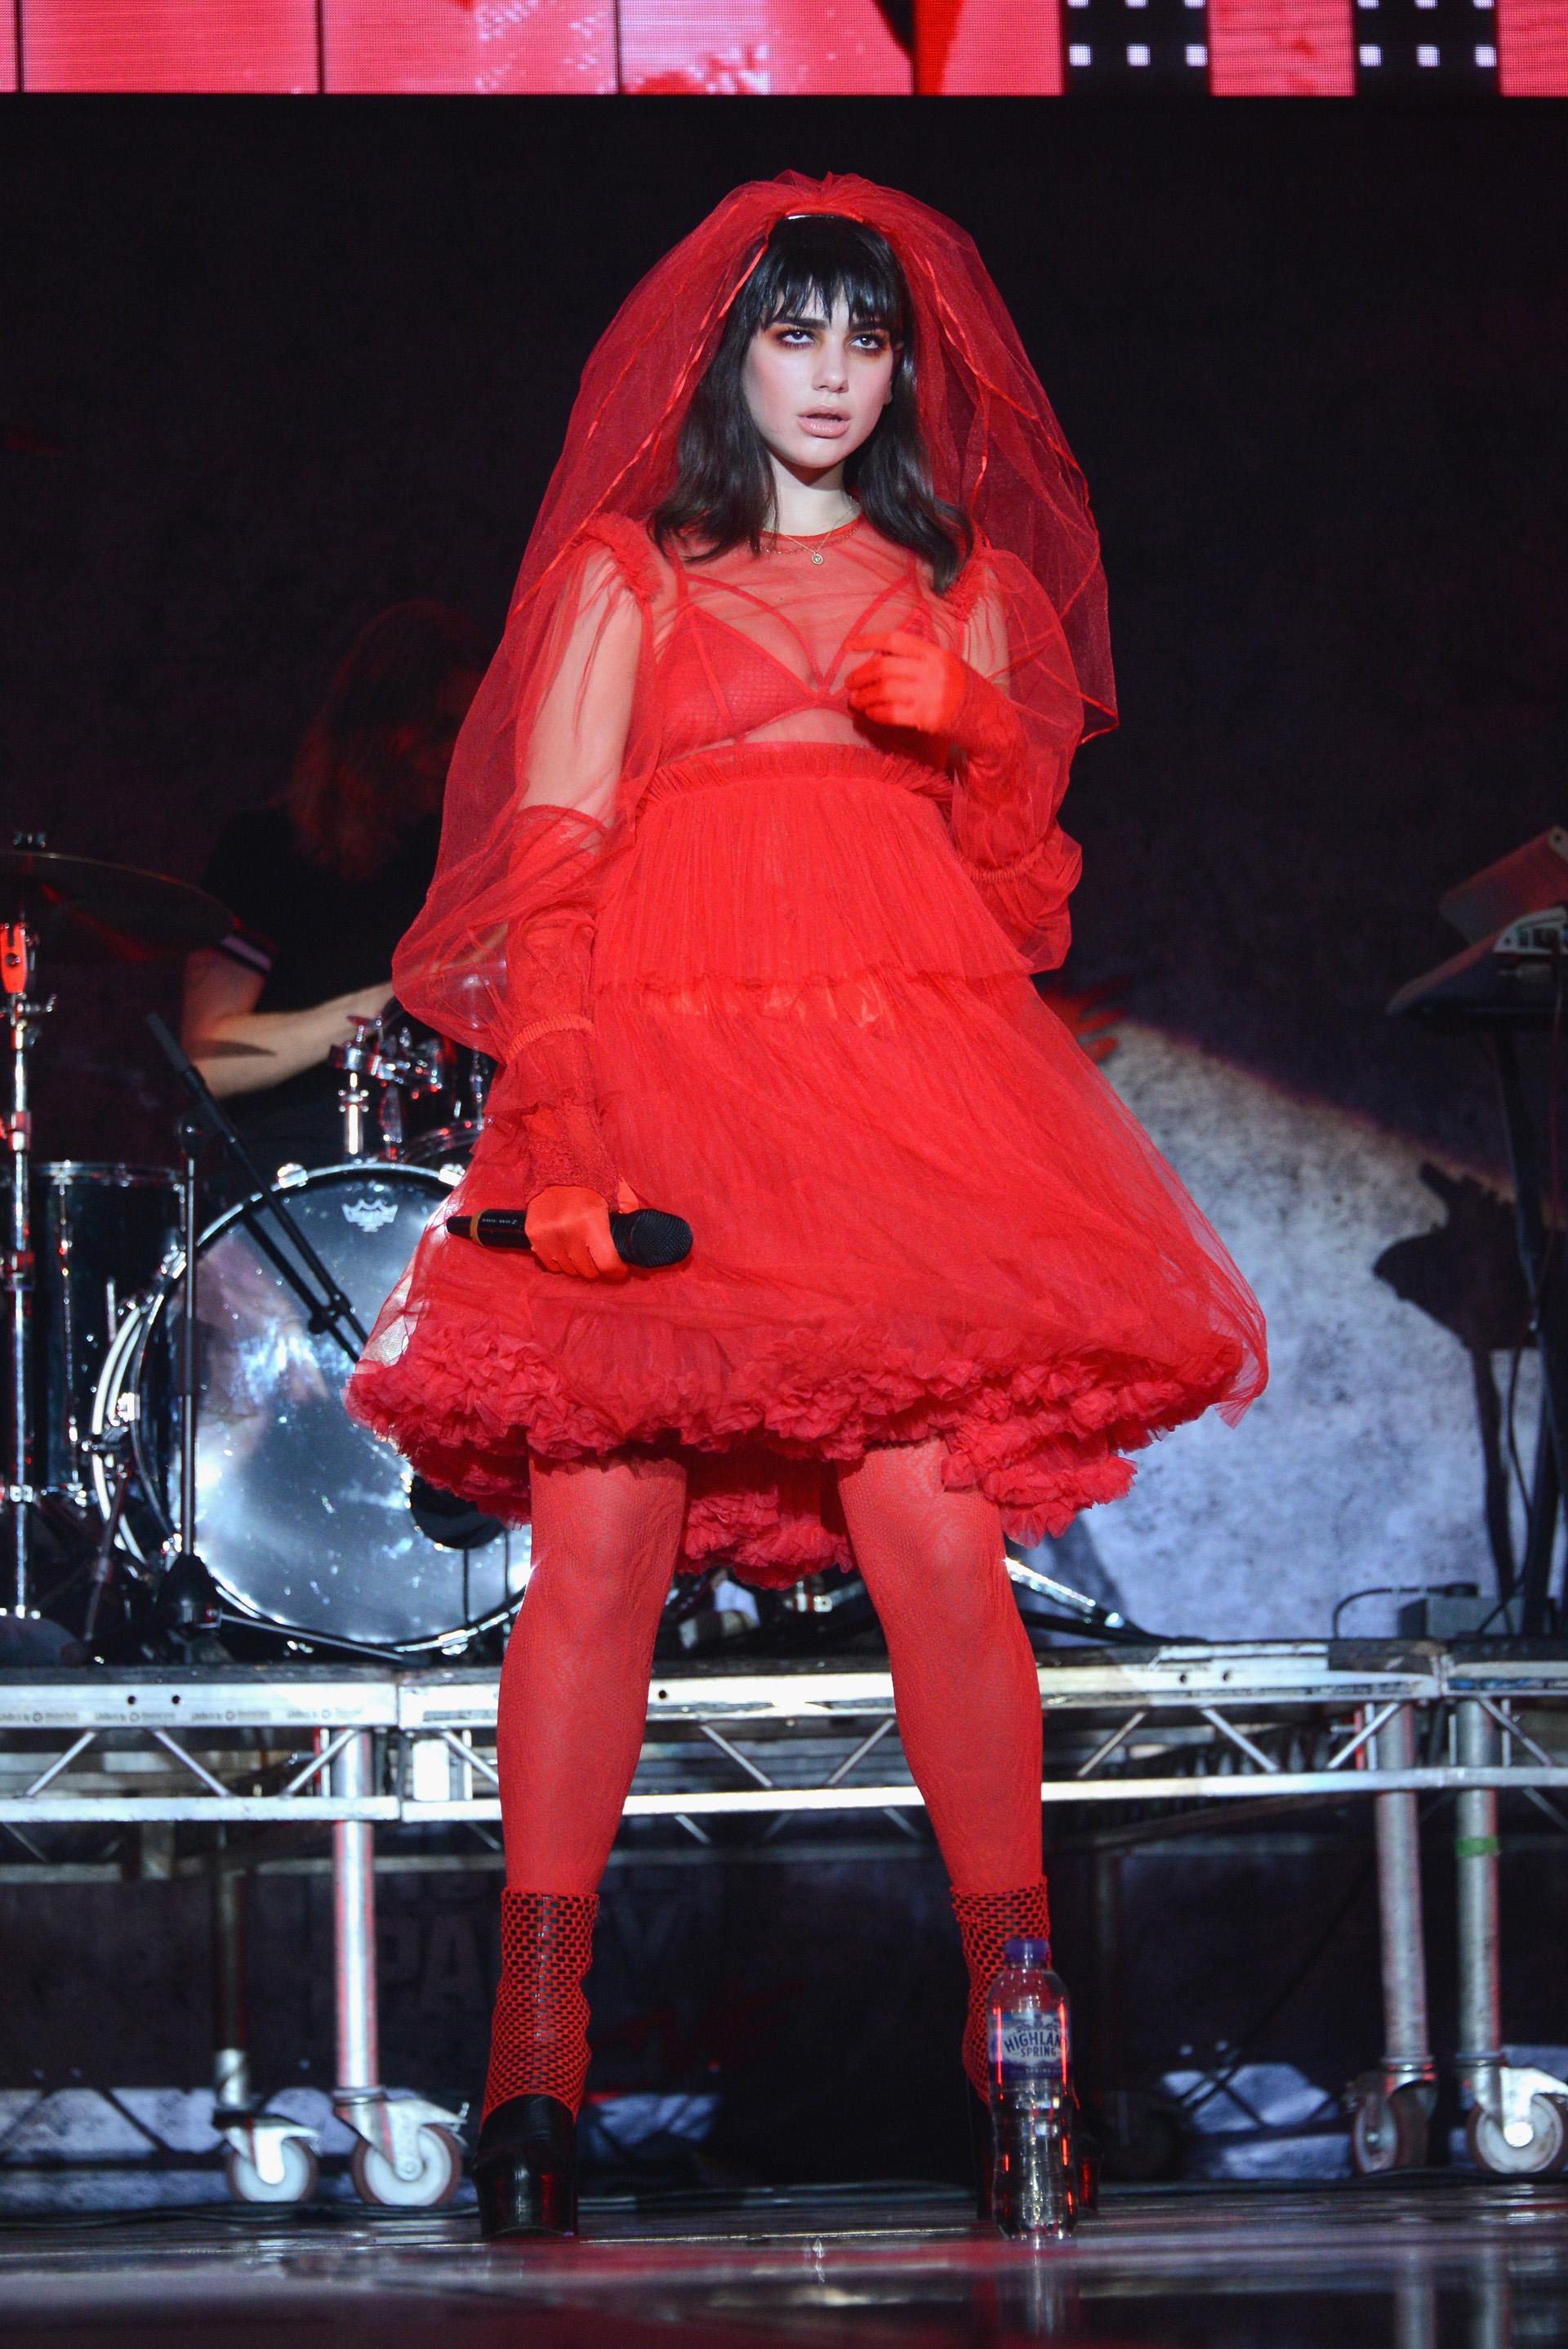 La cantante del momento, Dua Lipa se presentó en 'Kiss Haunted House Party' con un vestido de tul rojo como una novia despechada diabólica (Photo by Joe Maher/Getty Images)